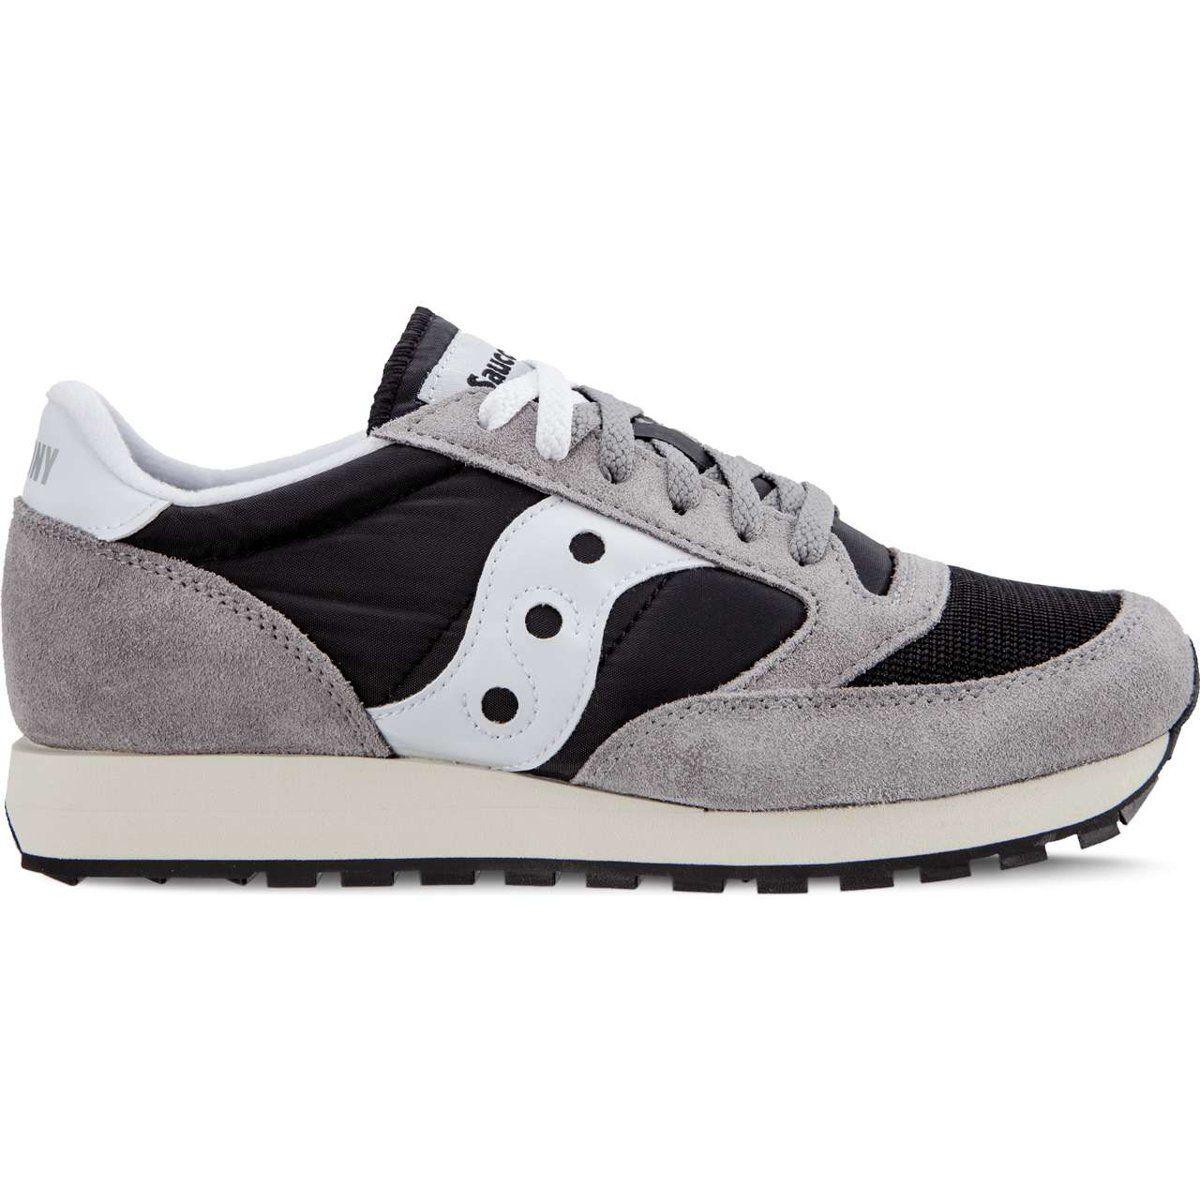 Saucony Jazz Original Vintage Grey Black White Tenisowki Meskie Sneakersy Sneakers